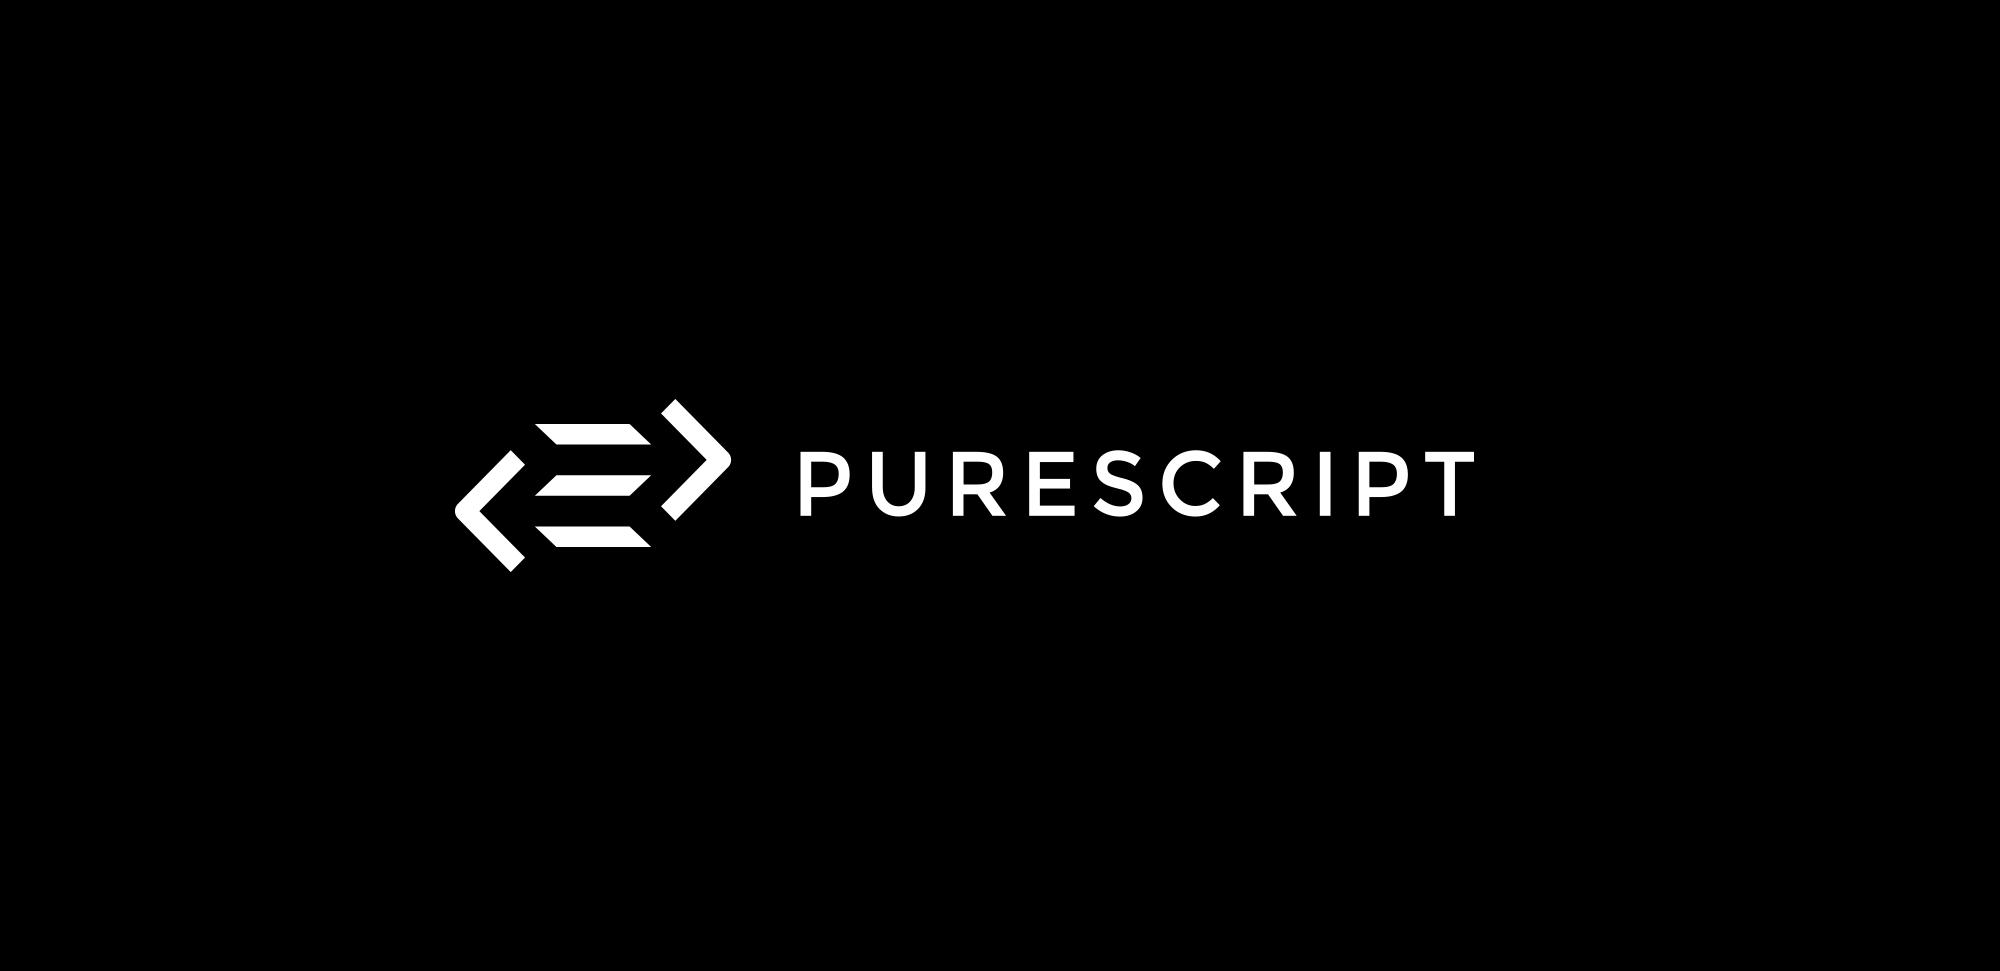 В установщике PureScript обнаружен вредоносный код